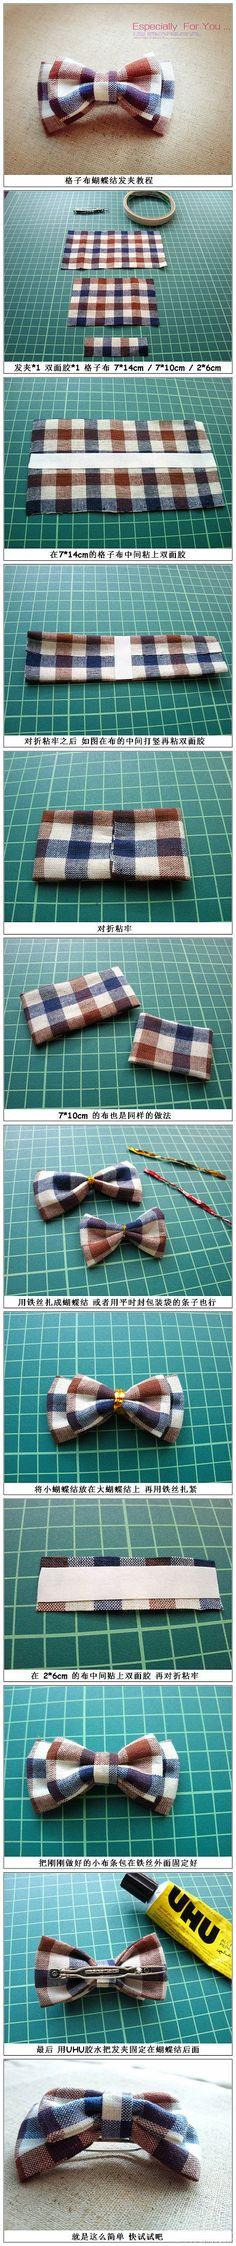 家居 蝴蝶结 配饰 领子 手工 教程 领结 煲呔 可以是可爱内敛的蝴蝶结,也可以是老实稳…